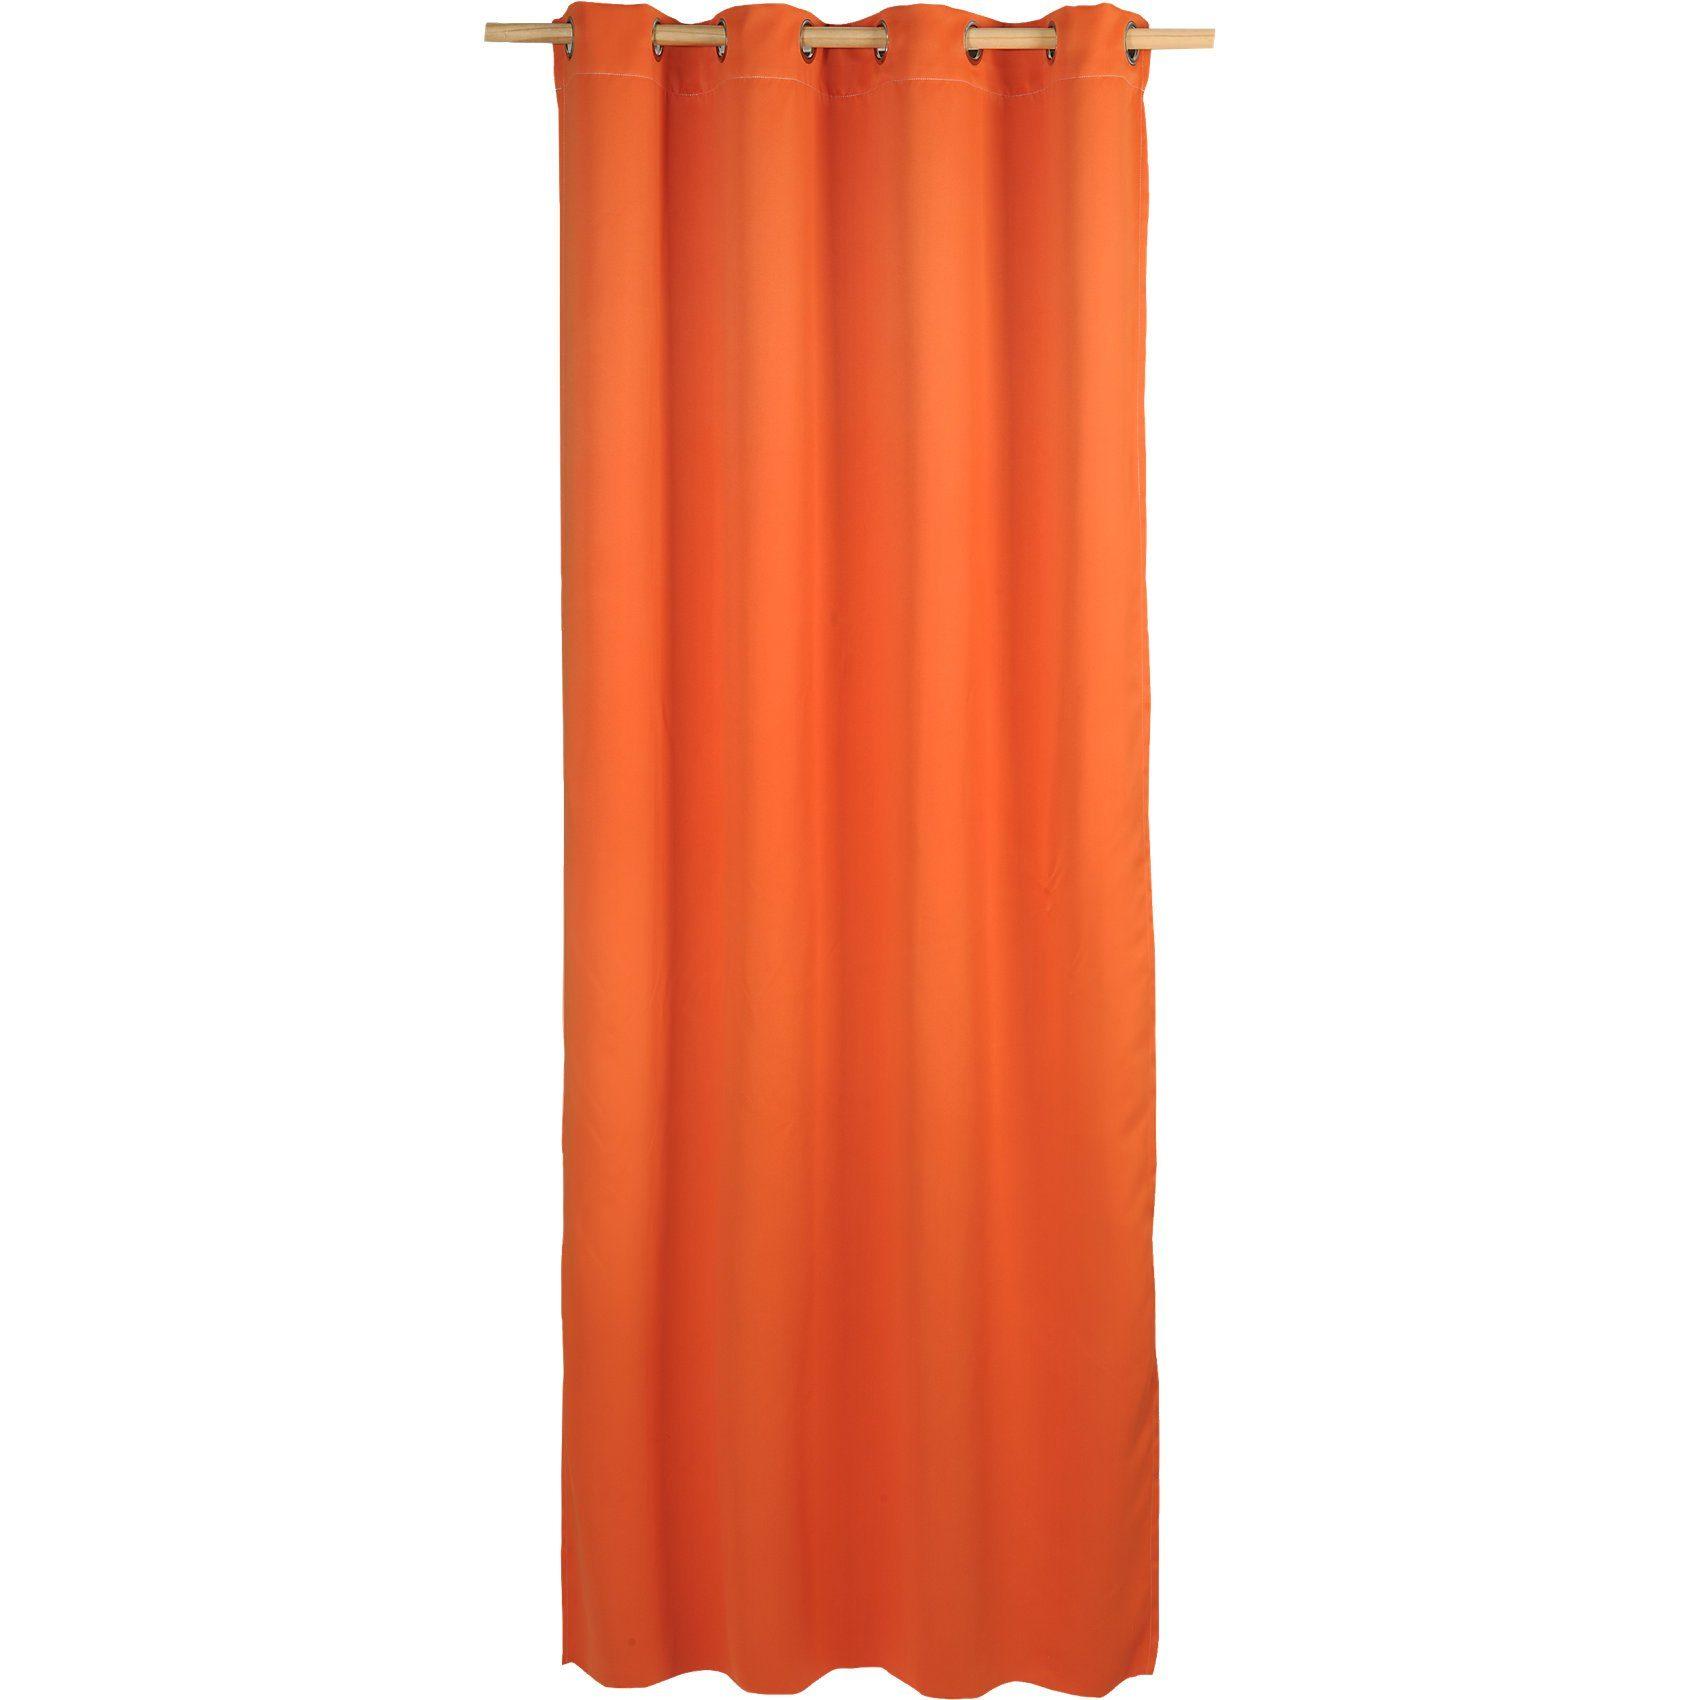 Vorhang Black Out, blickdichter Verdunkelungsvorhang, 245 x